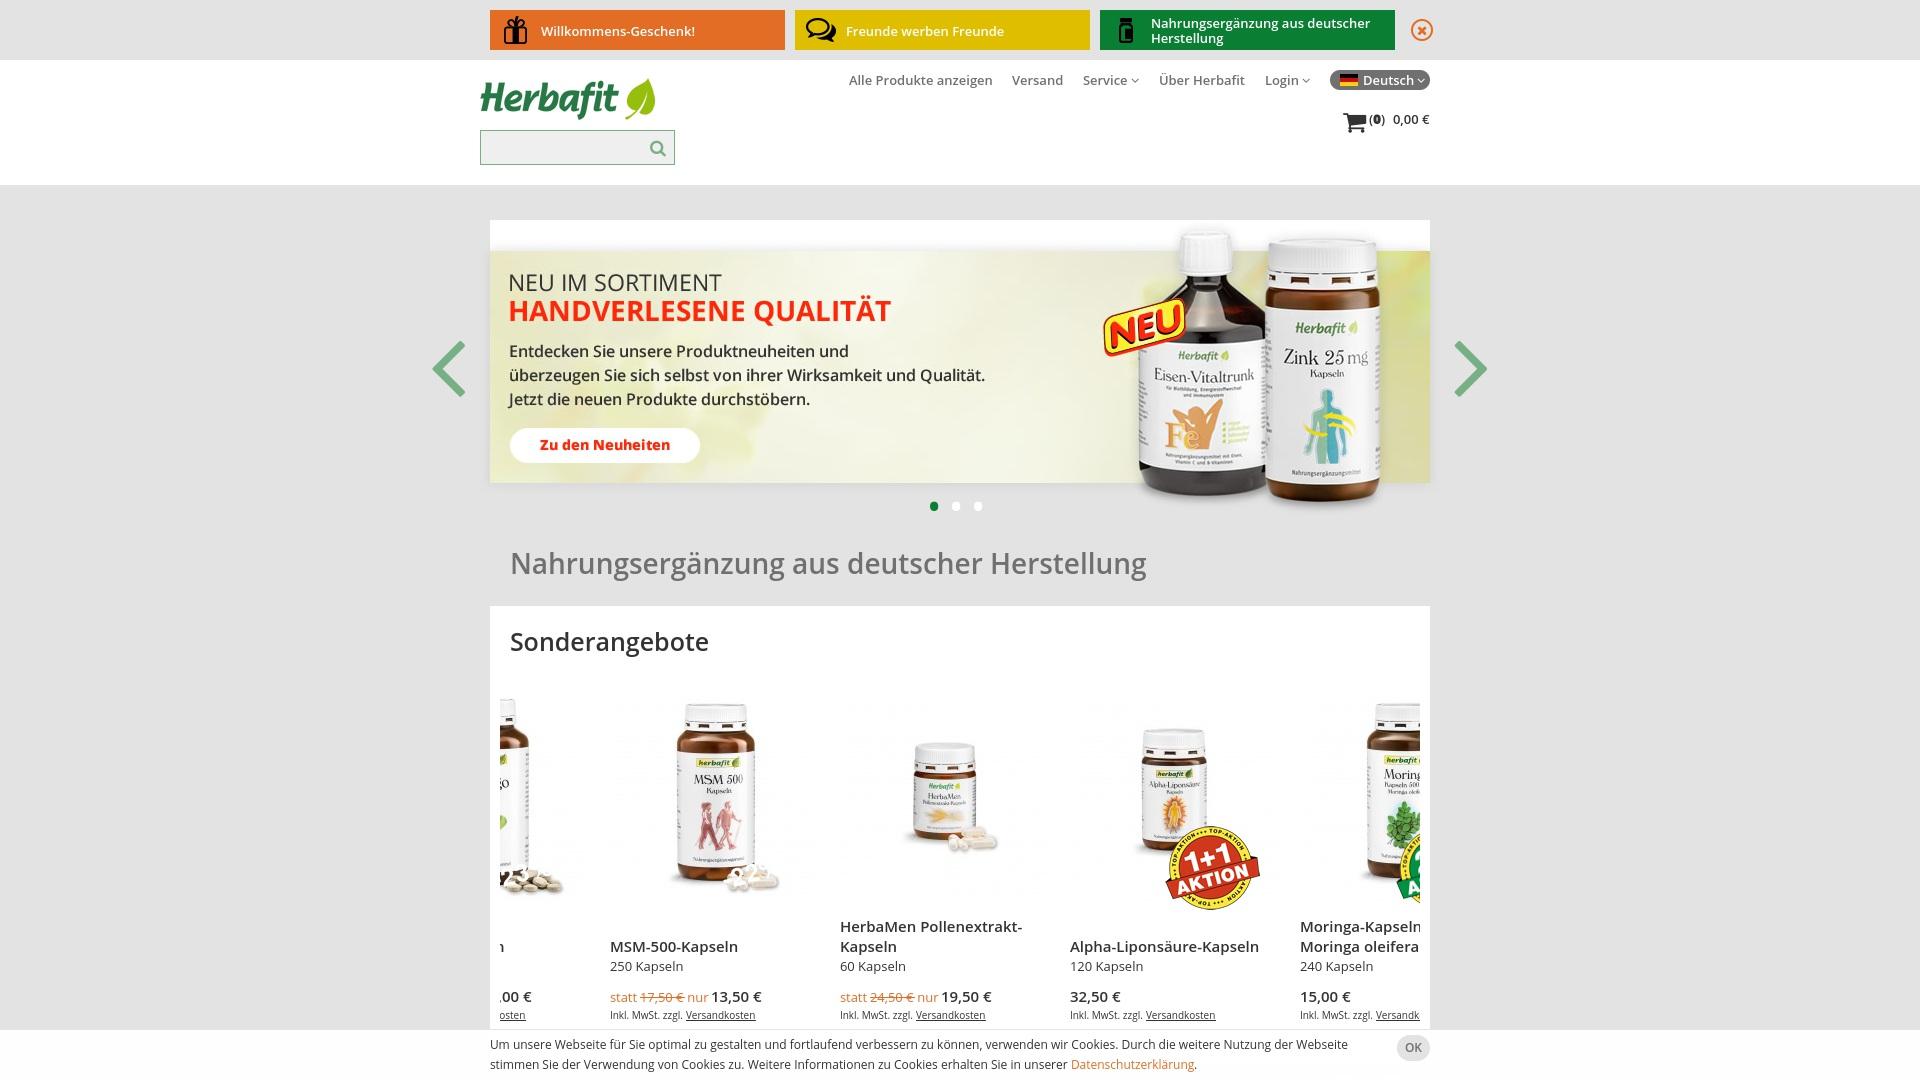 Gutschein für Herbafit: Rabatte für  Herbafit sichern